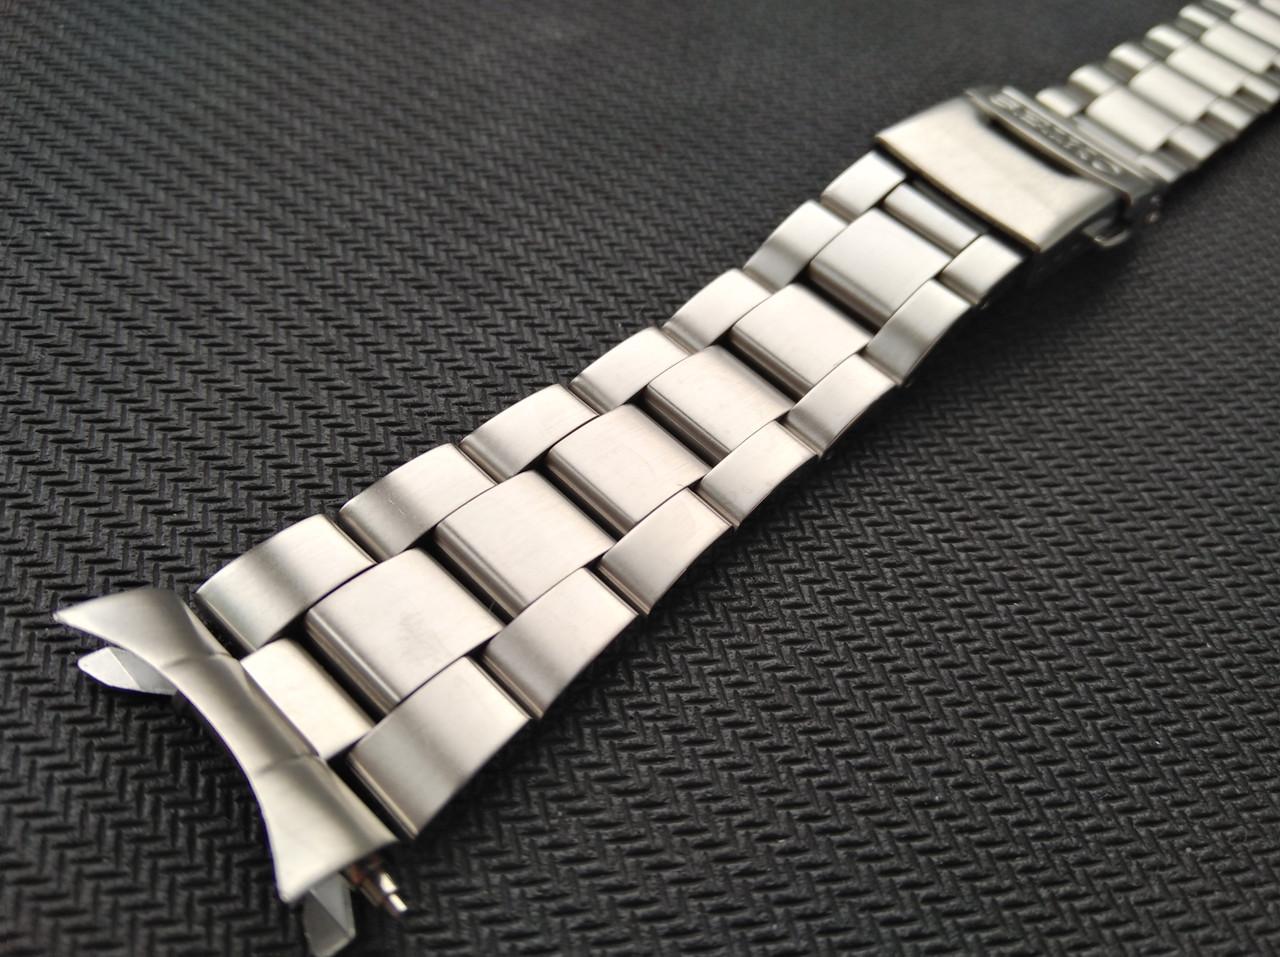 Браслет Oyster для часов с лого Seiko из нержавеющая стали, литой, мат. Заокругленное окончание. 20 мм